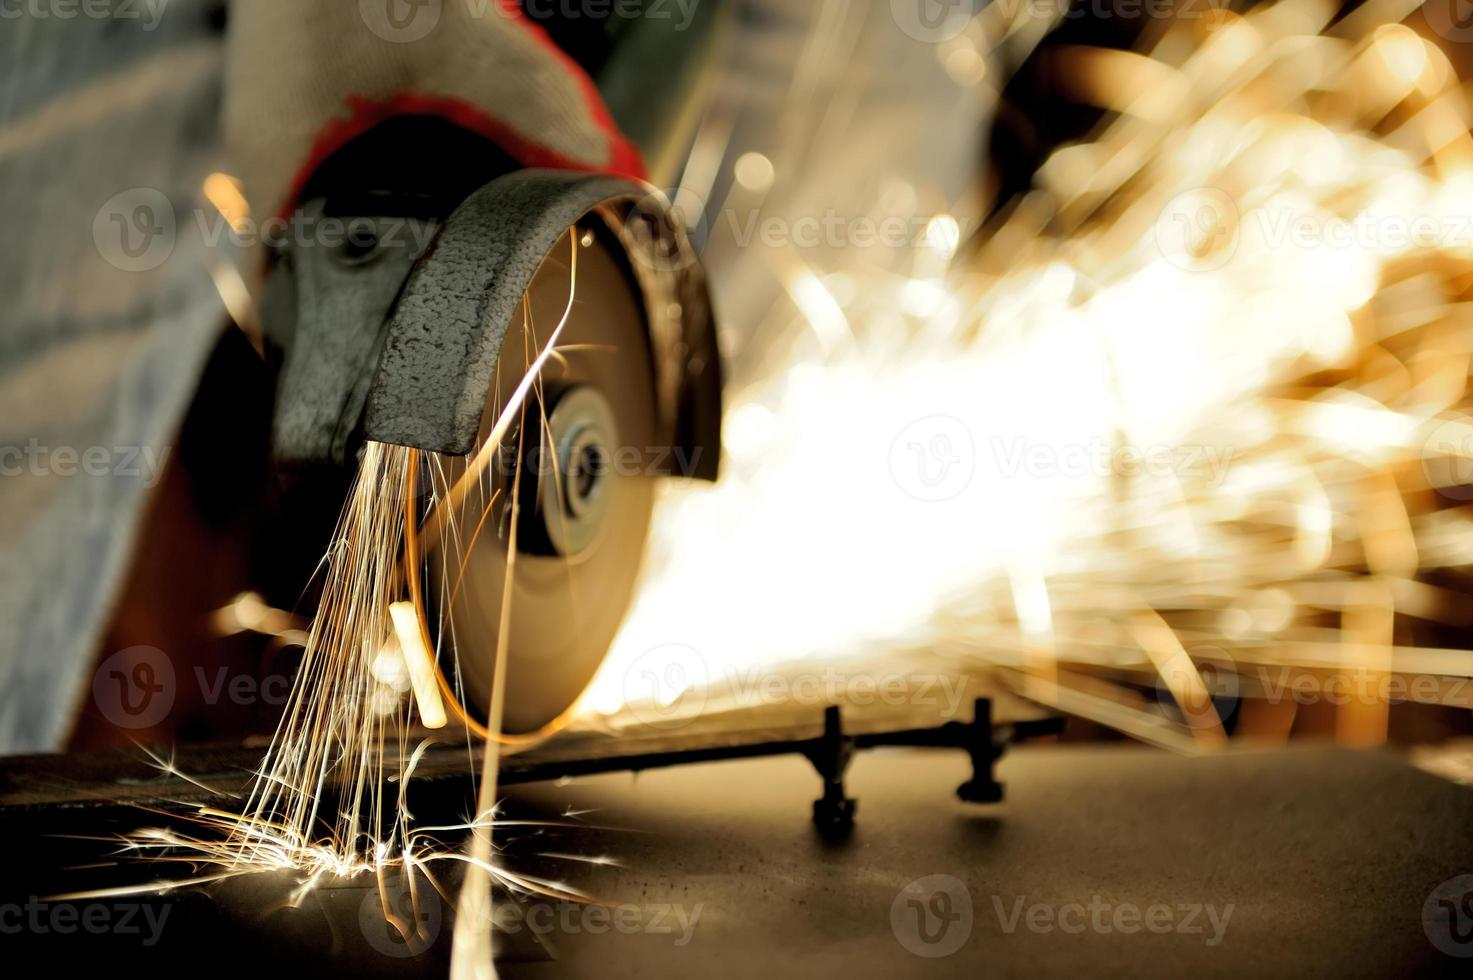 Arbeiter schneiden Metall mit Schleifmaschine foto